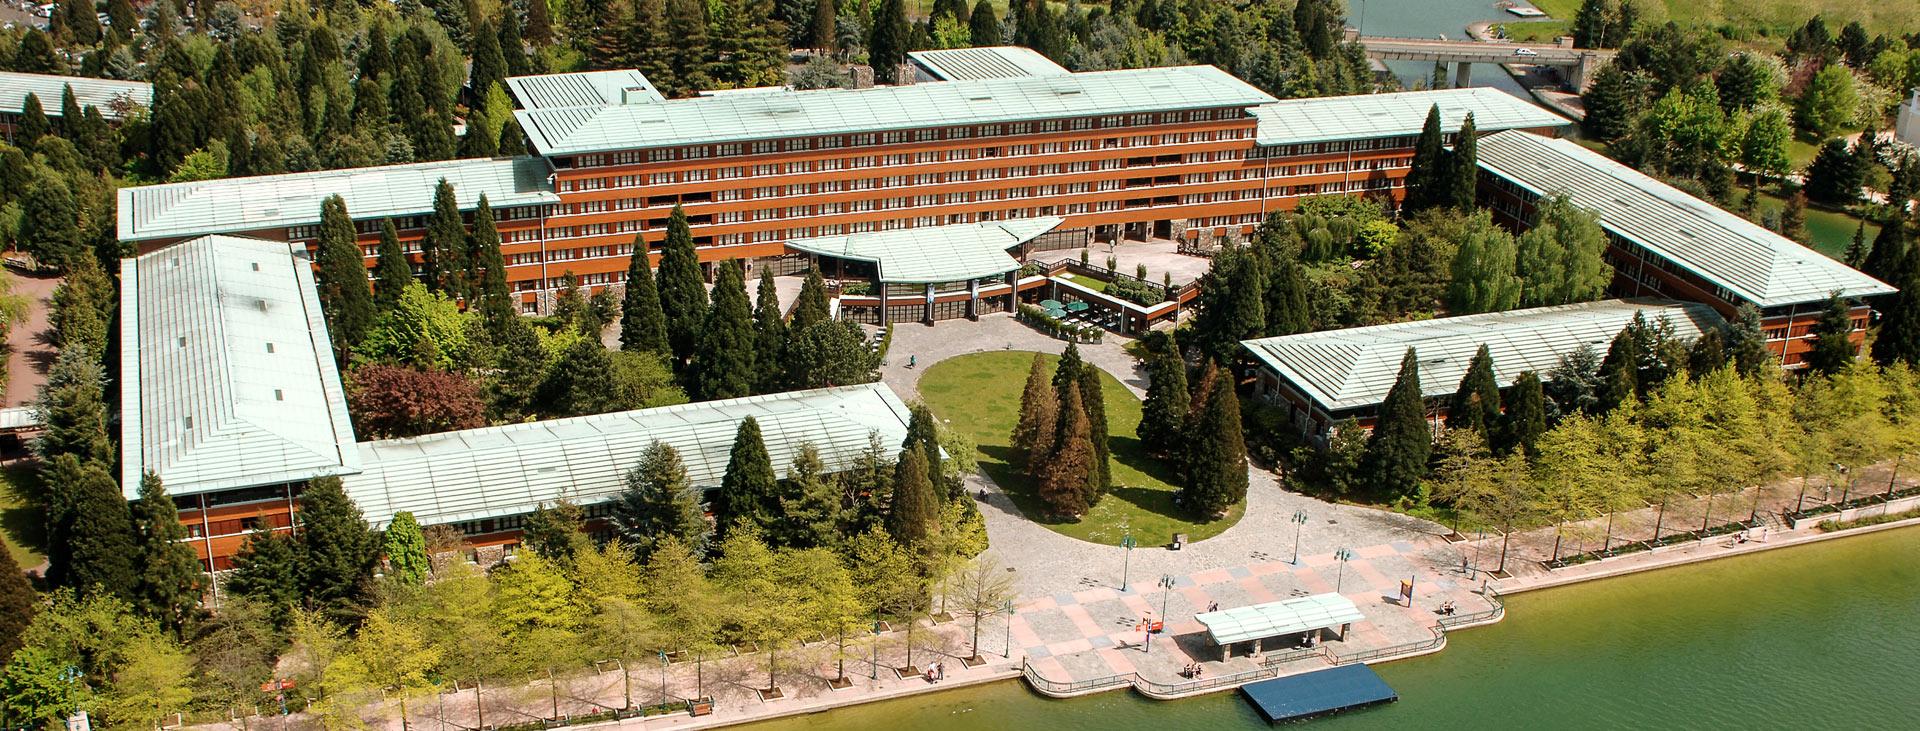 Disney's Sequoia Lodge®, Disneyland® Paris, Pariisin alue, Ranska